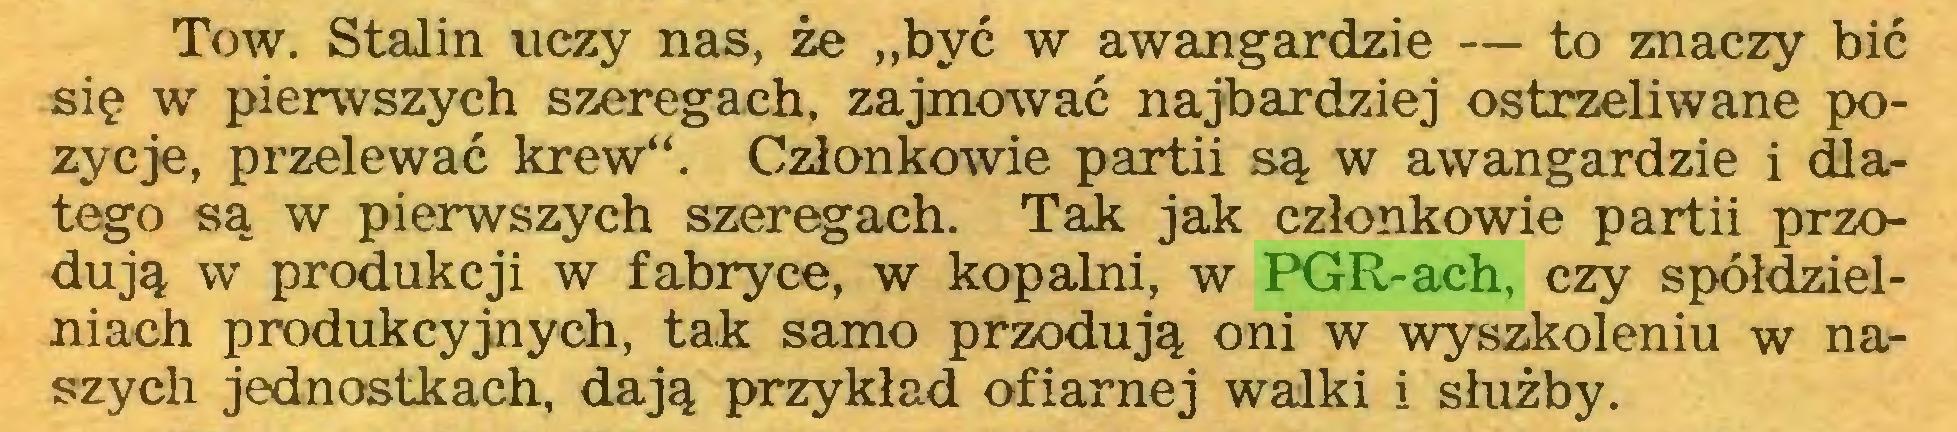 """(...) Tow. Stalin uczy nas, że """"być w awangardzie — to znaczy bić się w pierwszych szeregach, zajmować najbardziej ostrzeliwane pozycje, przelewać krew"""". Członkowie partii są w awangardzie i dlatego są w pierwszych szeregach. Tak jak członkowie partii przodują w produkcji w fabryce, w kopalni, w PGR-ach, czy spółdzielniach produkcyjnych, tak samo przodują oni w wyszkoleniu w naszych jednostkach, dają przykład ofiarnej walki i służby..."""